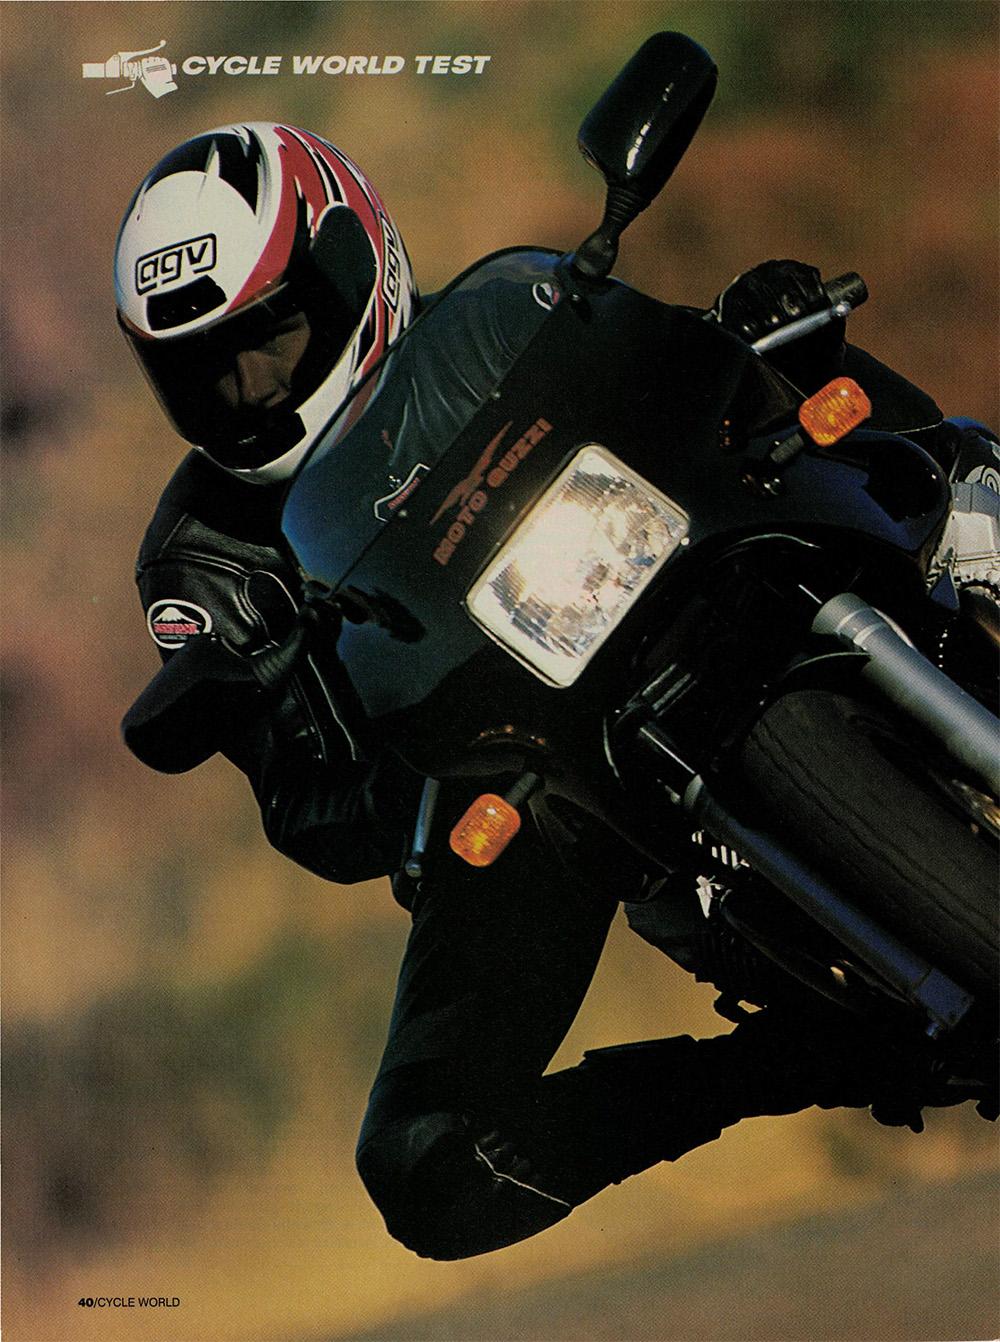 1995 Moto Guzzi Sport 1100 road test 1.jpg